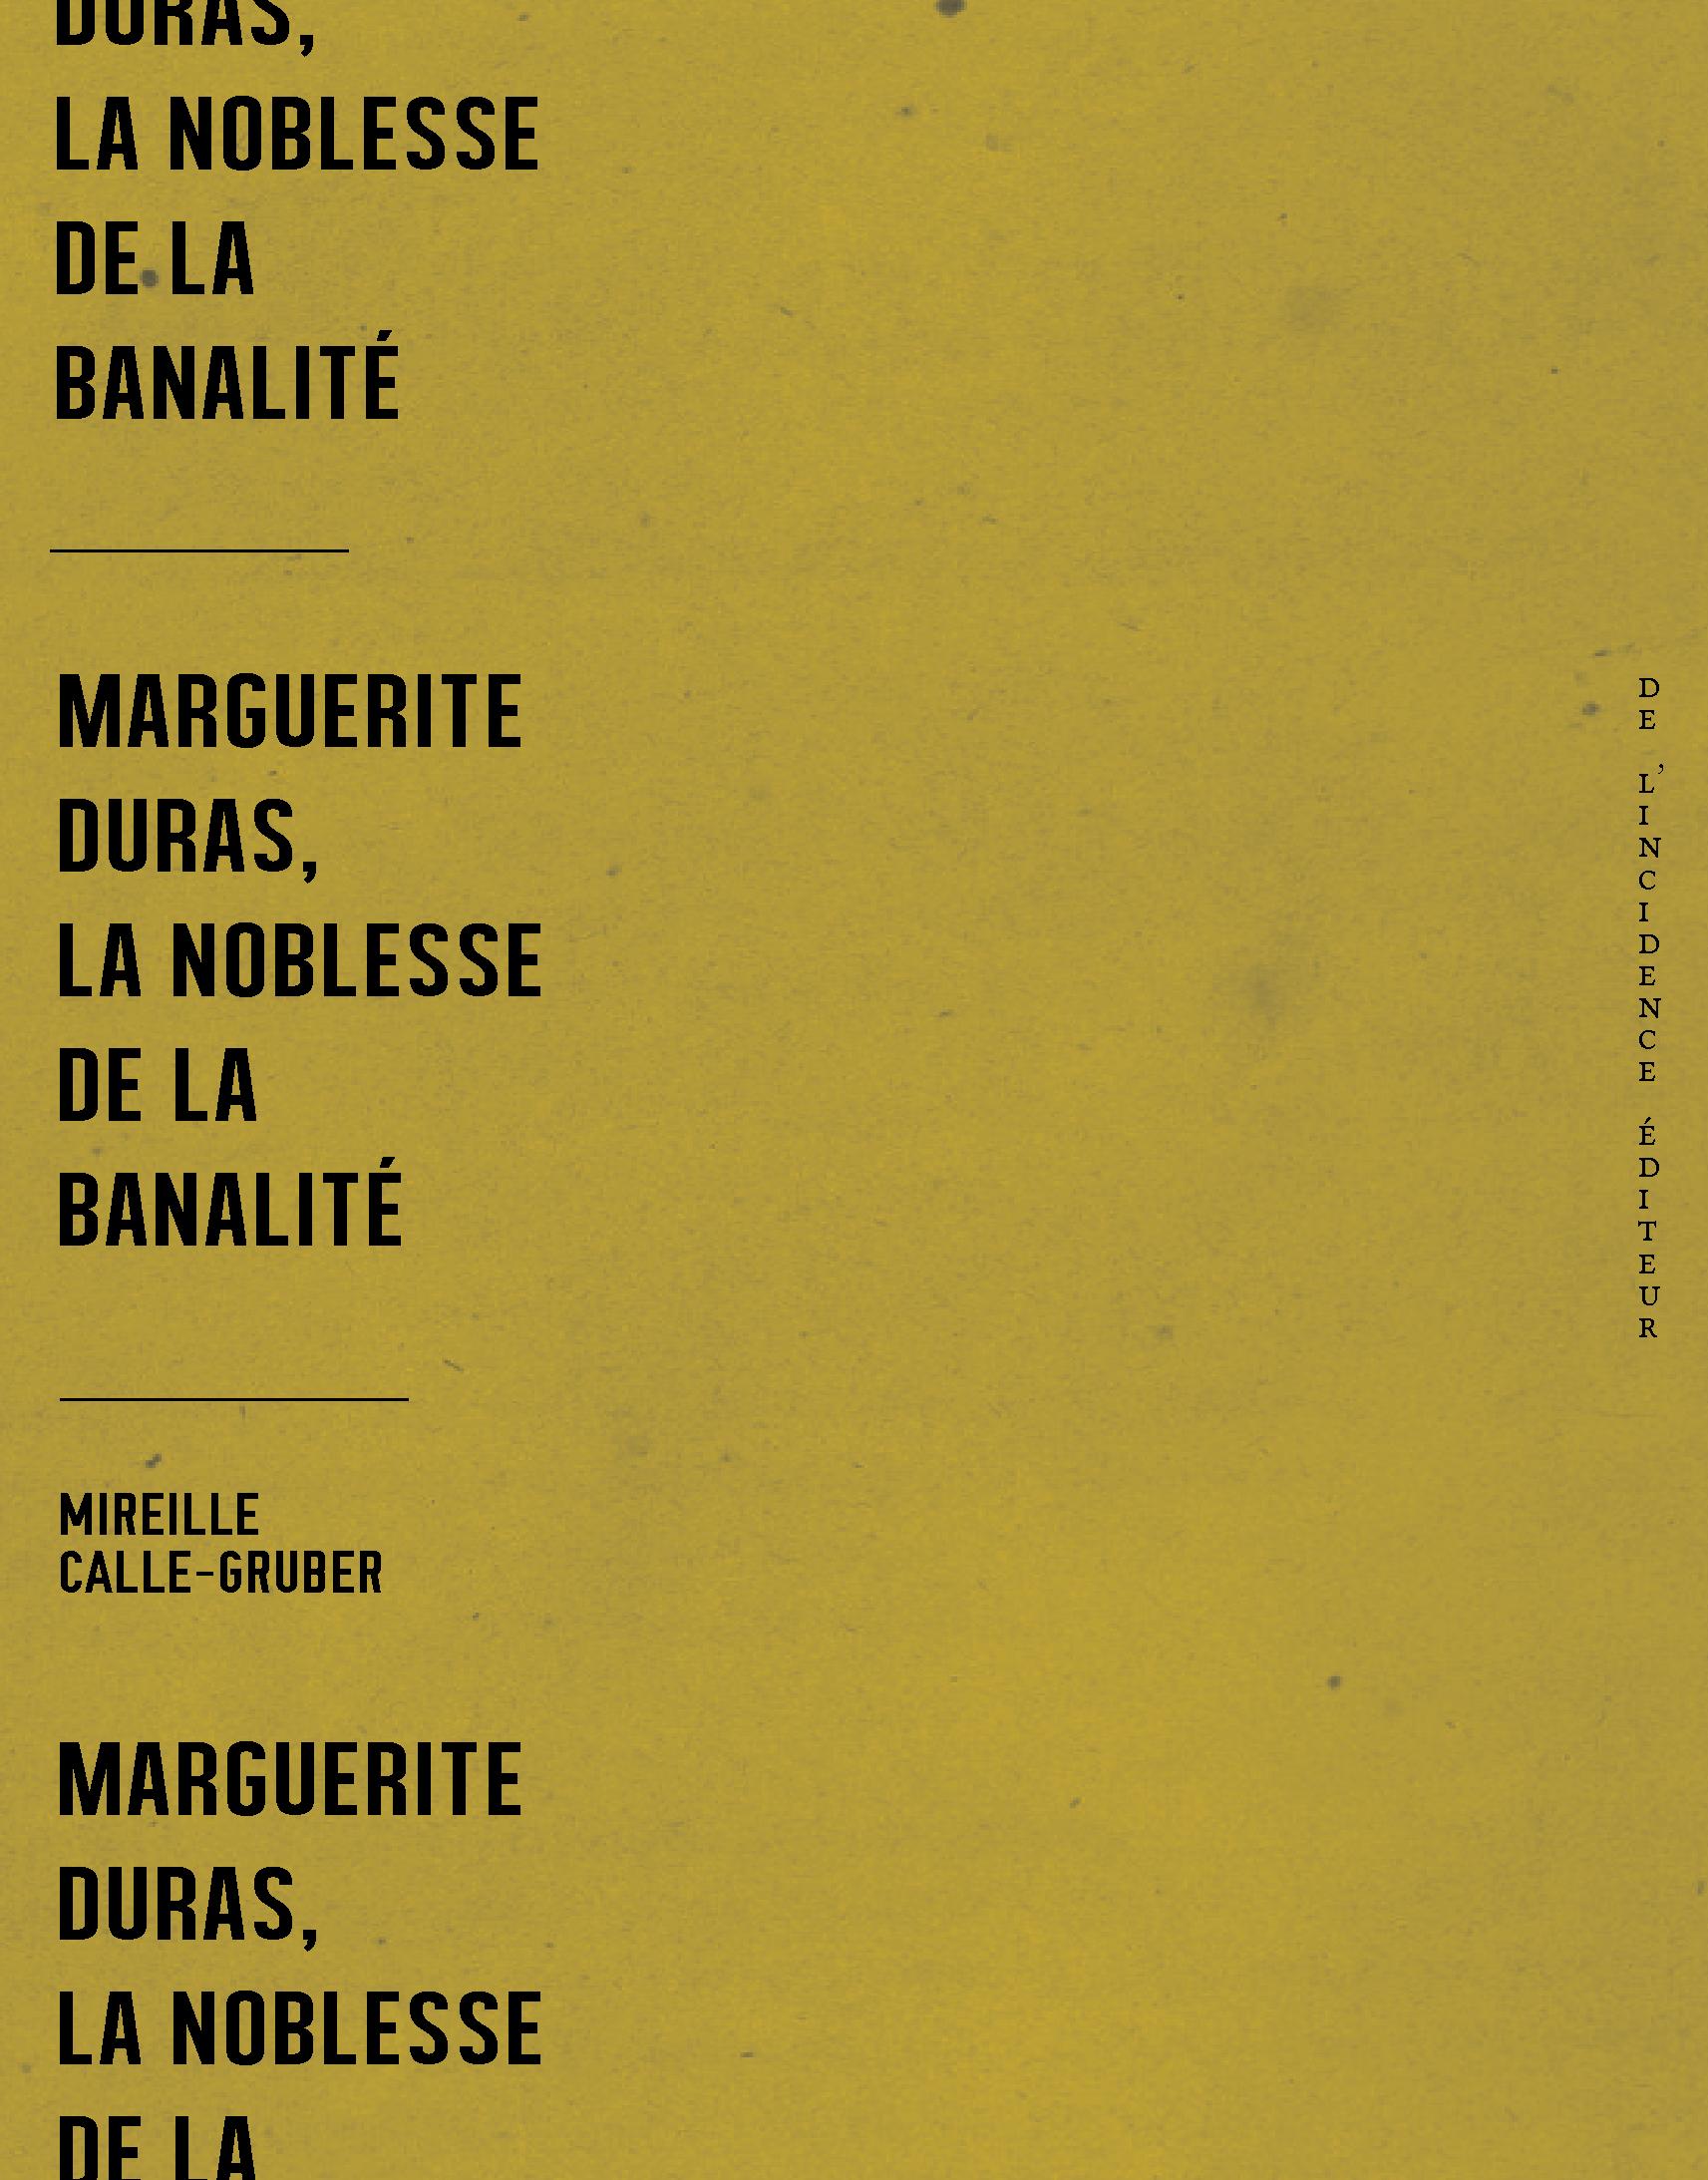 Mireille Calle-Gruber, Marguerite Duras, la noblesse de la banalité